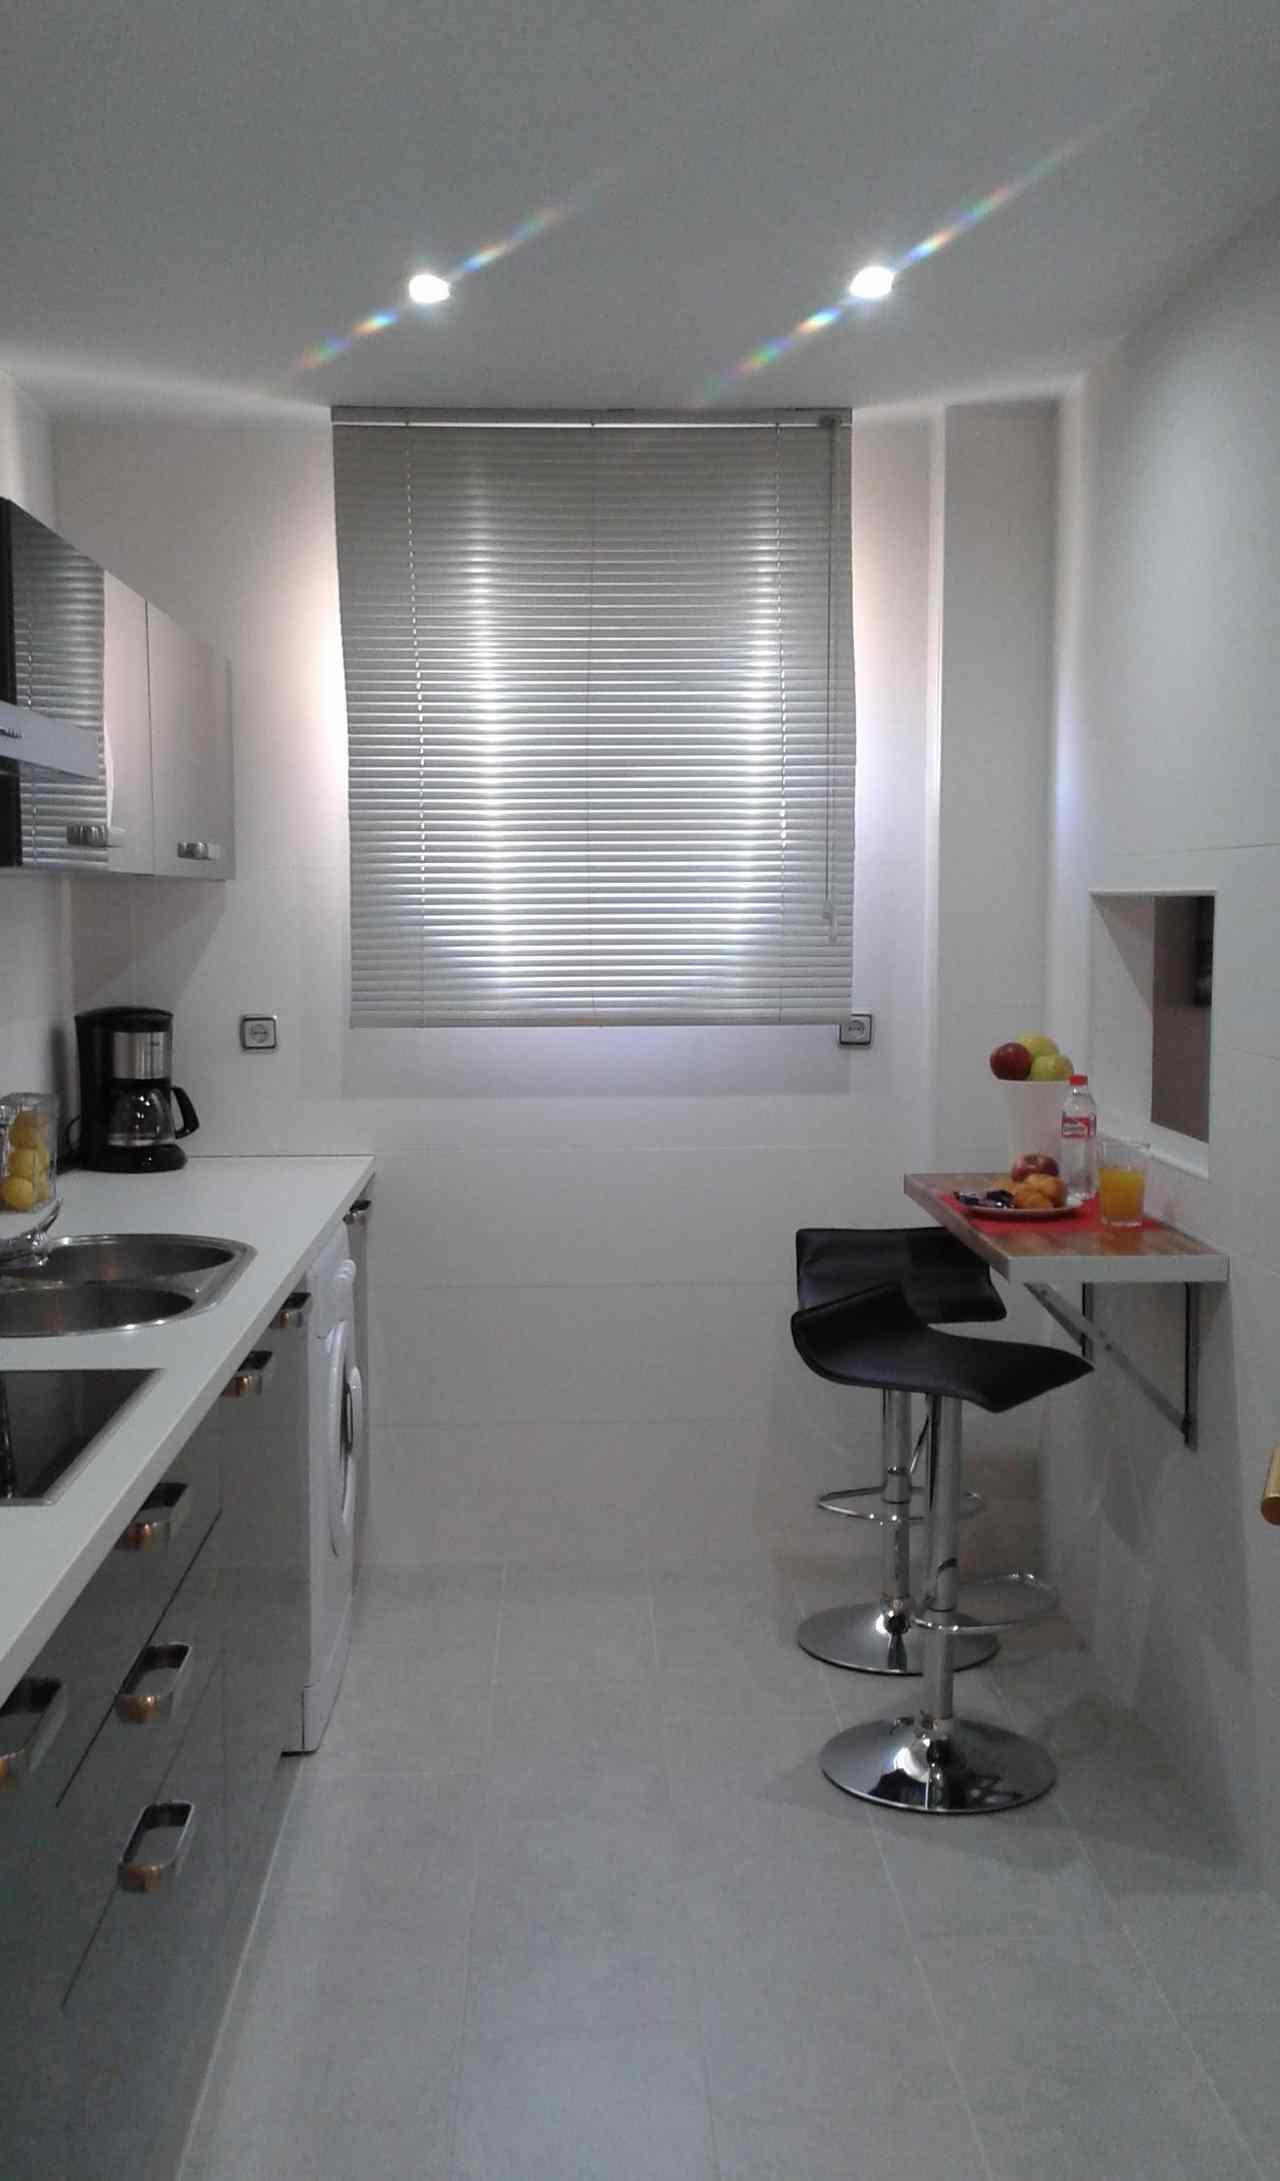 Apartamento para vacaciones Cenes de la Vega, Granada